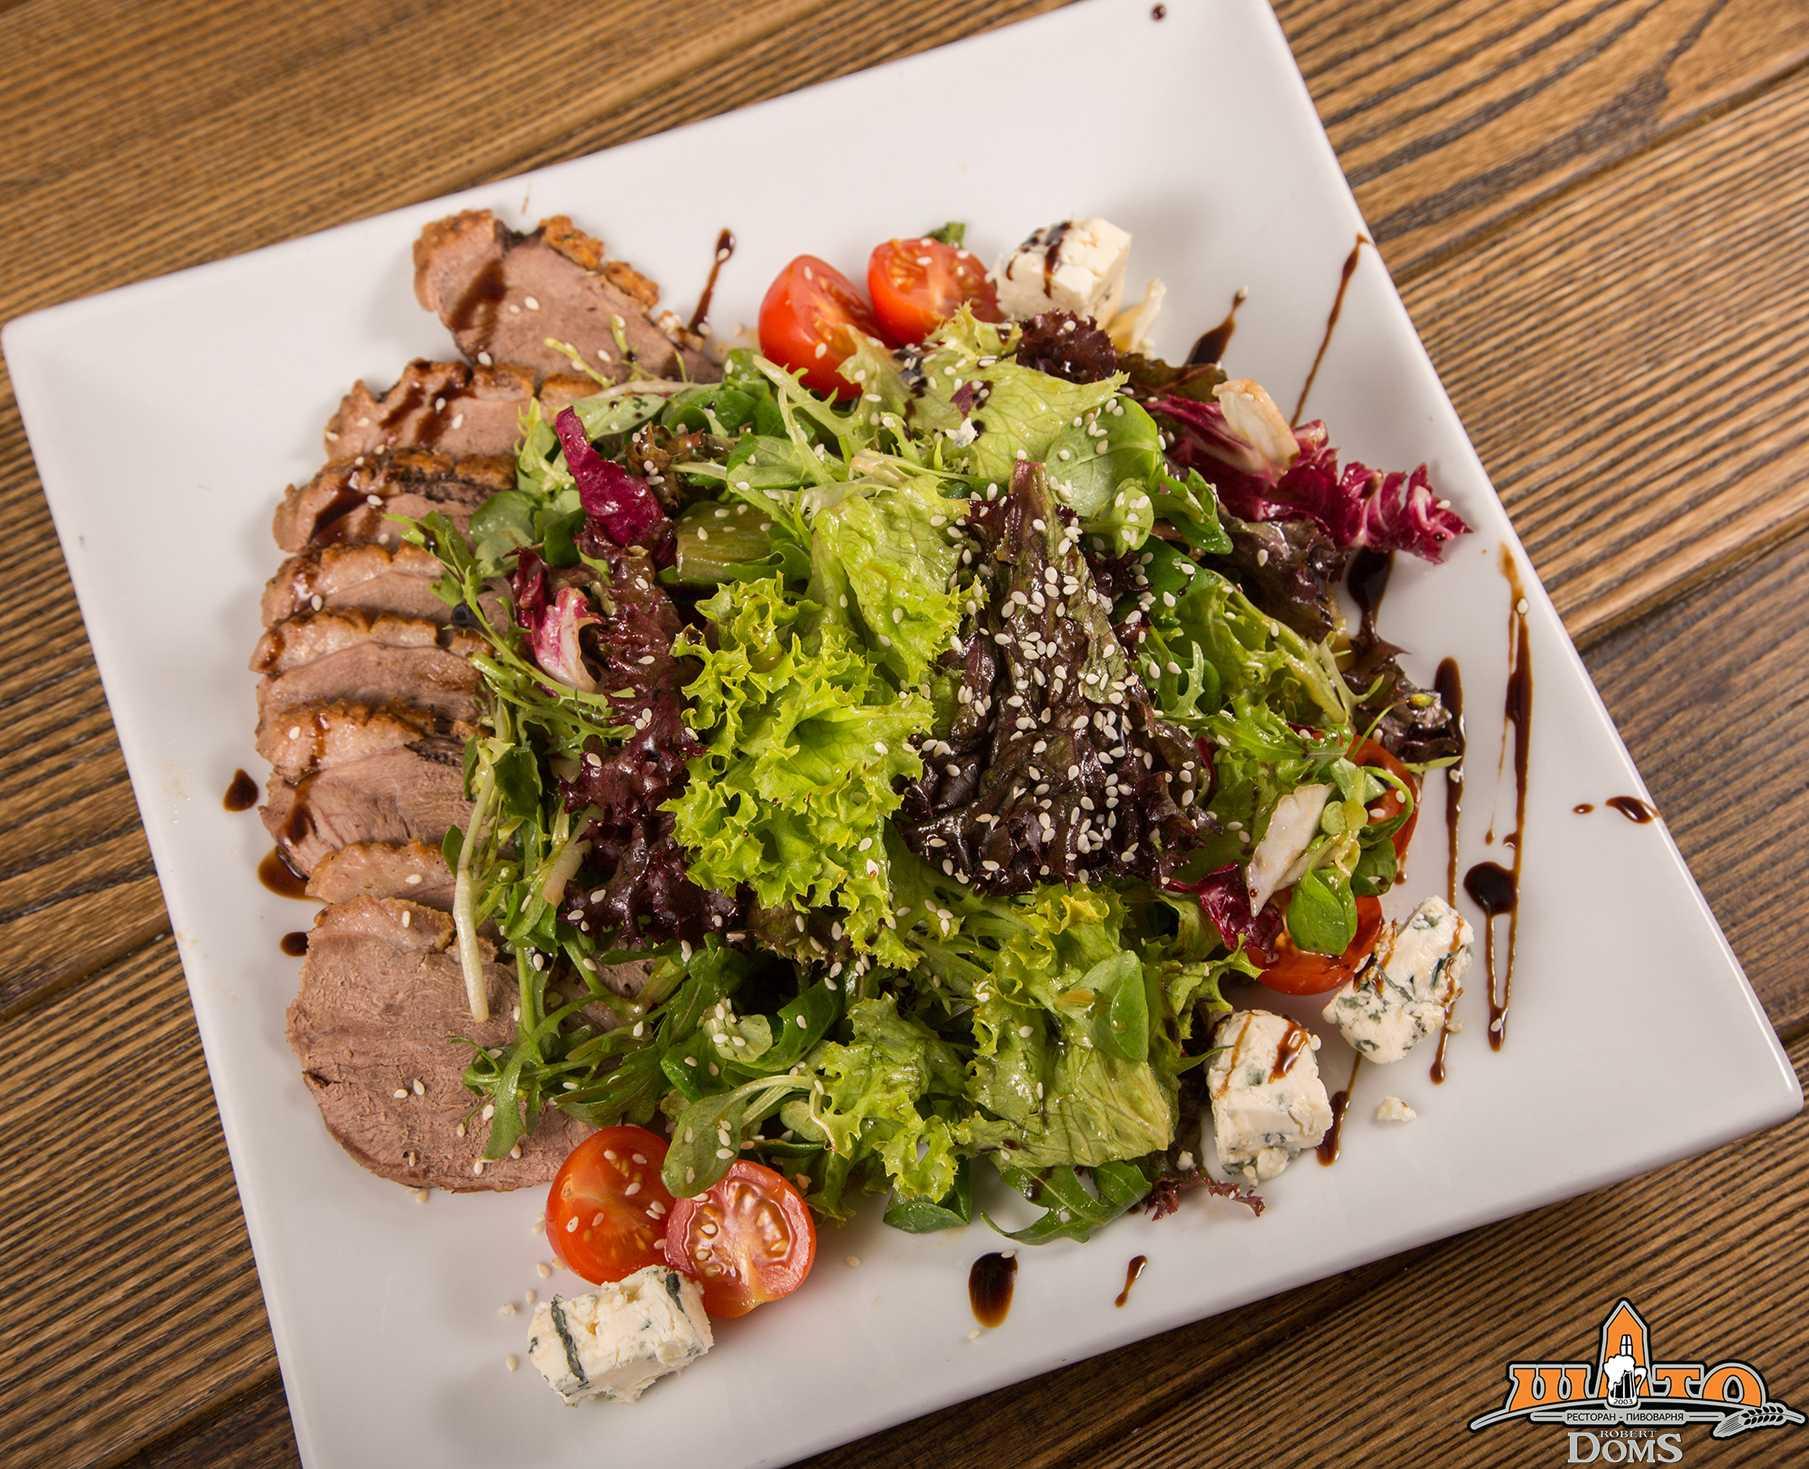 Салат «фаворит» по классическому рецепту и с курицей, ветчиной и грибами